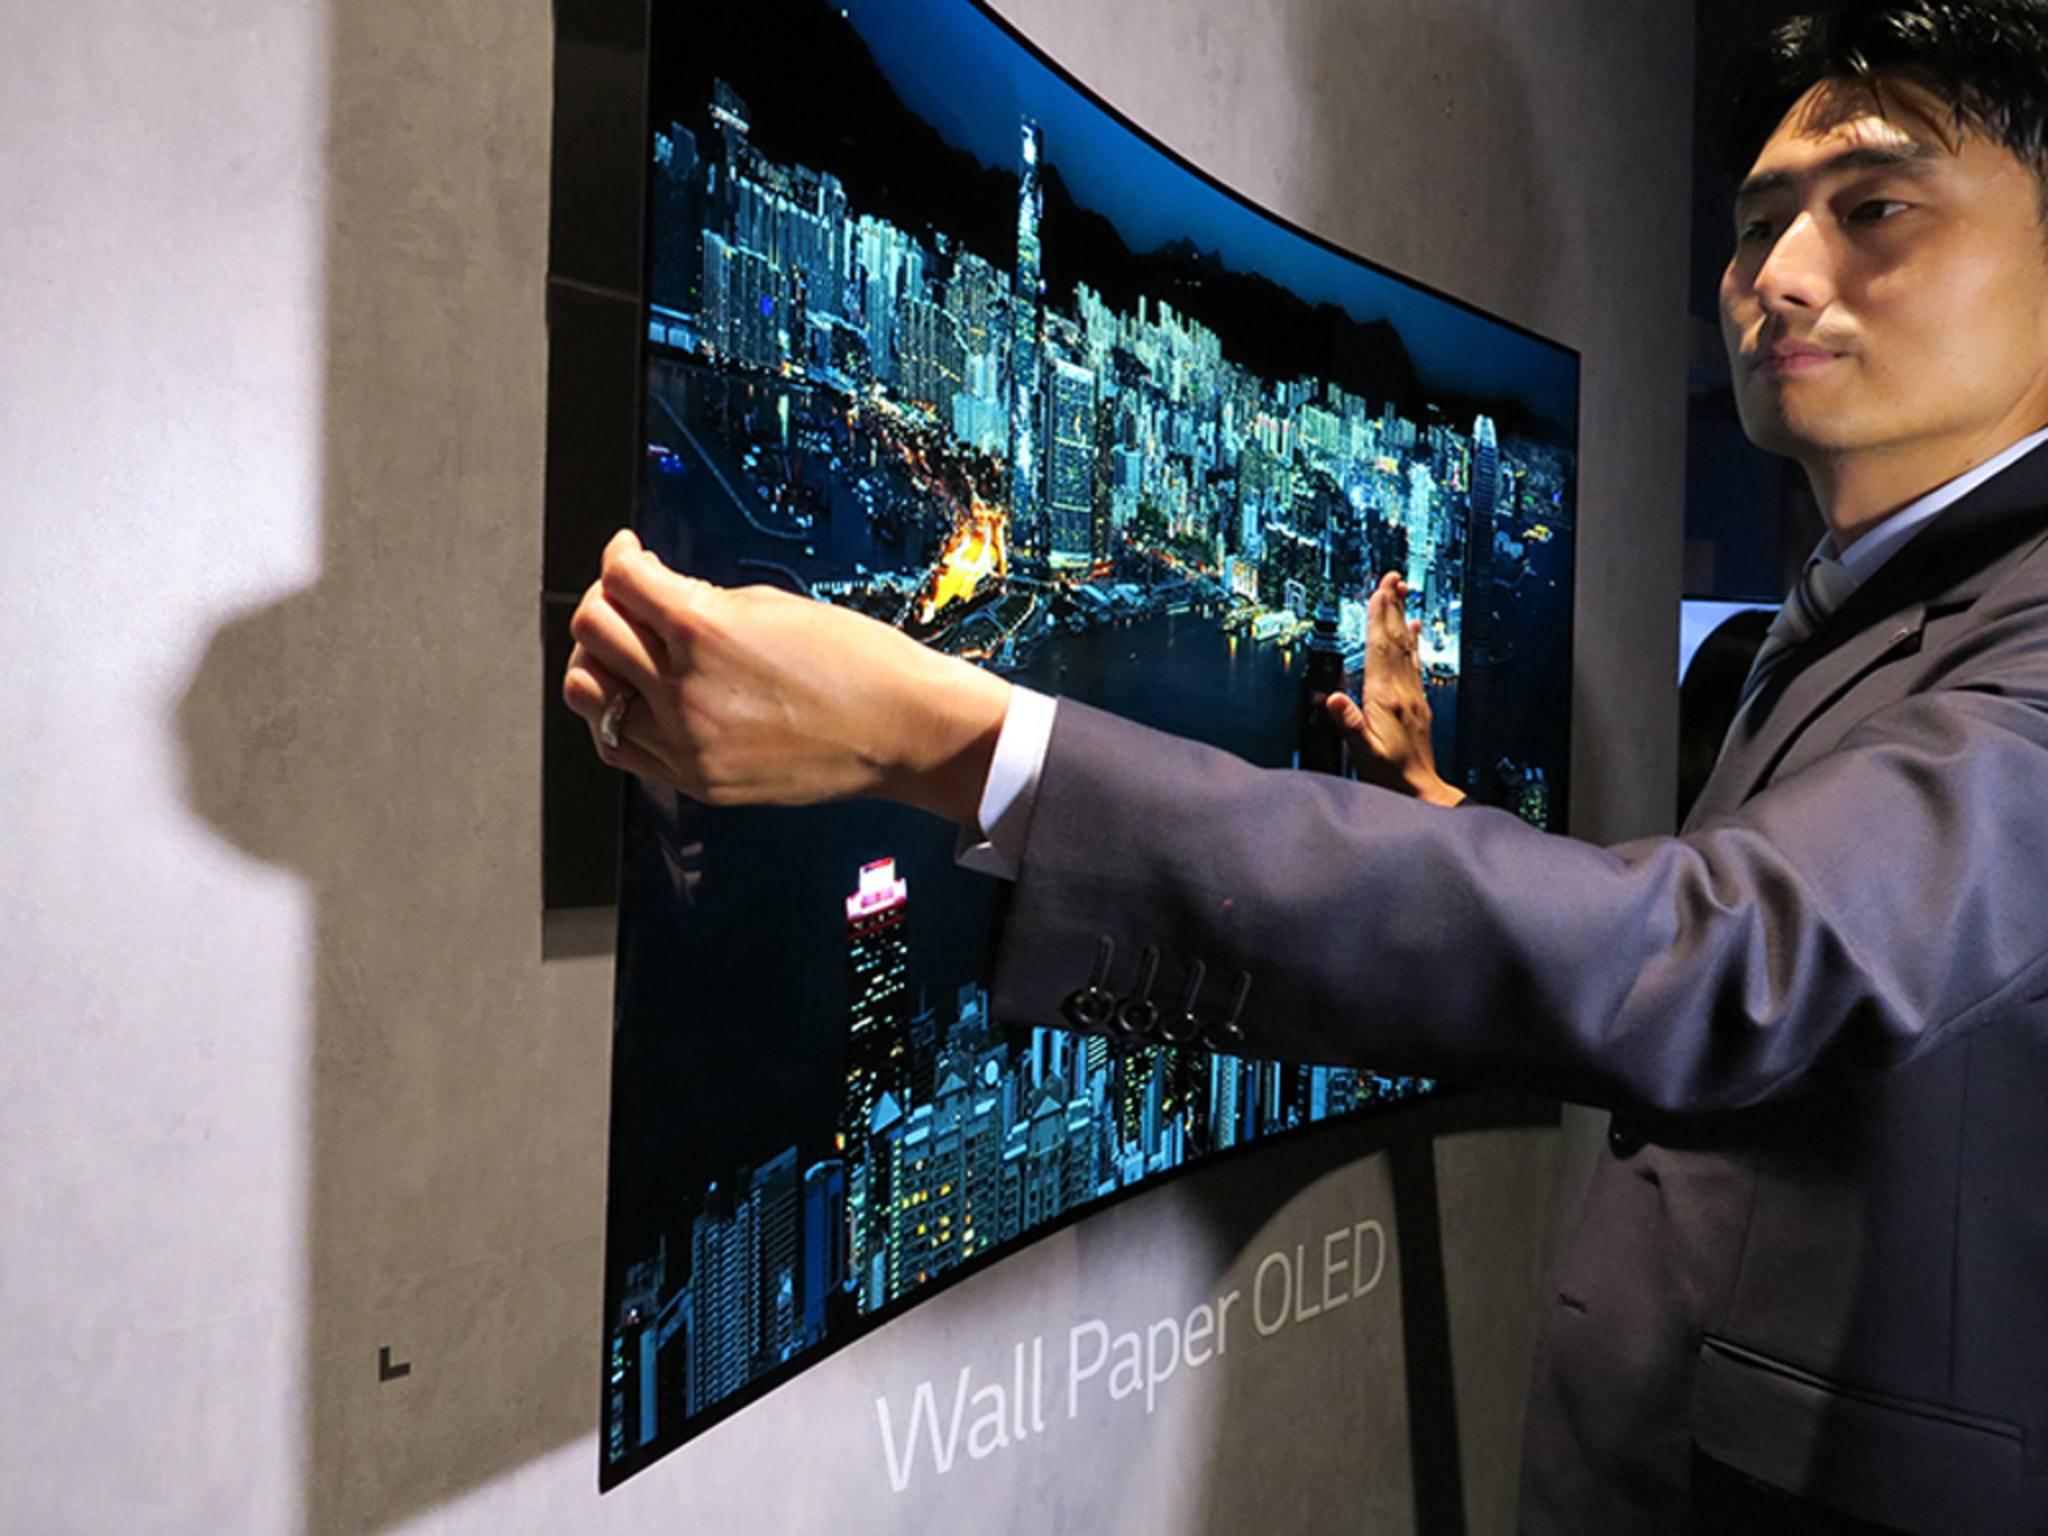 LG möchte einen aufrollbaren Fernseher produzieren.